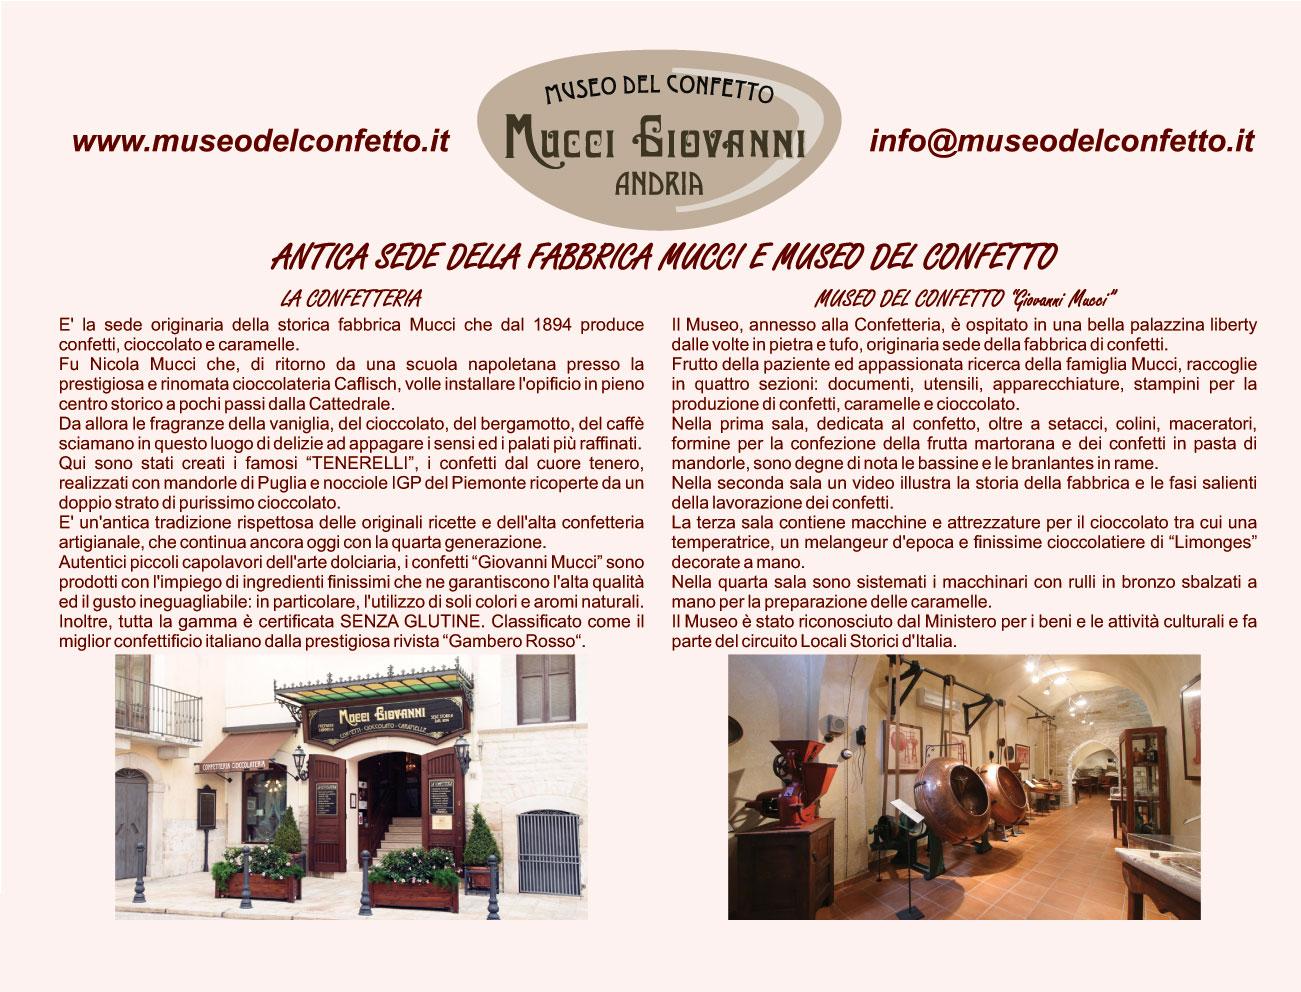 Museo del confetto Mucci Giovanni